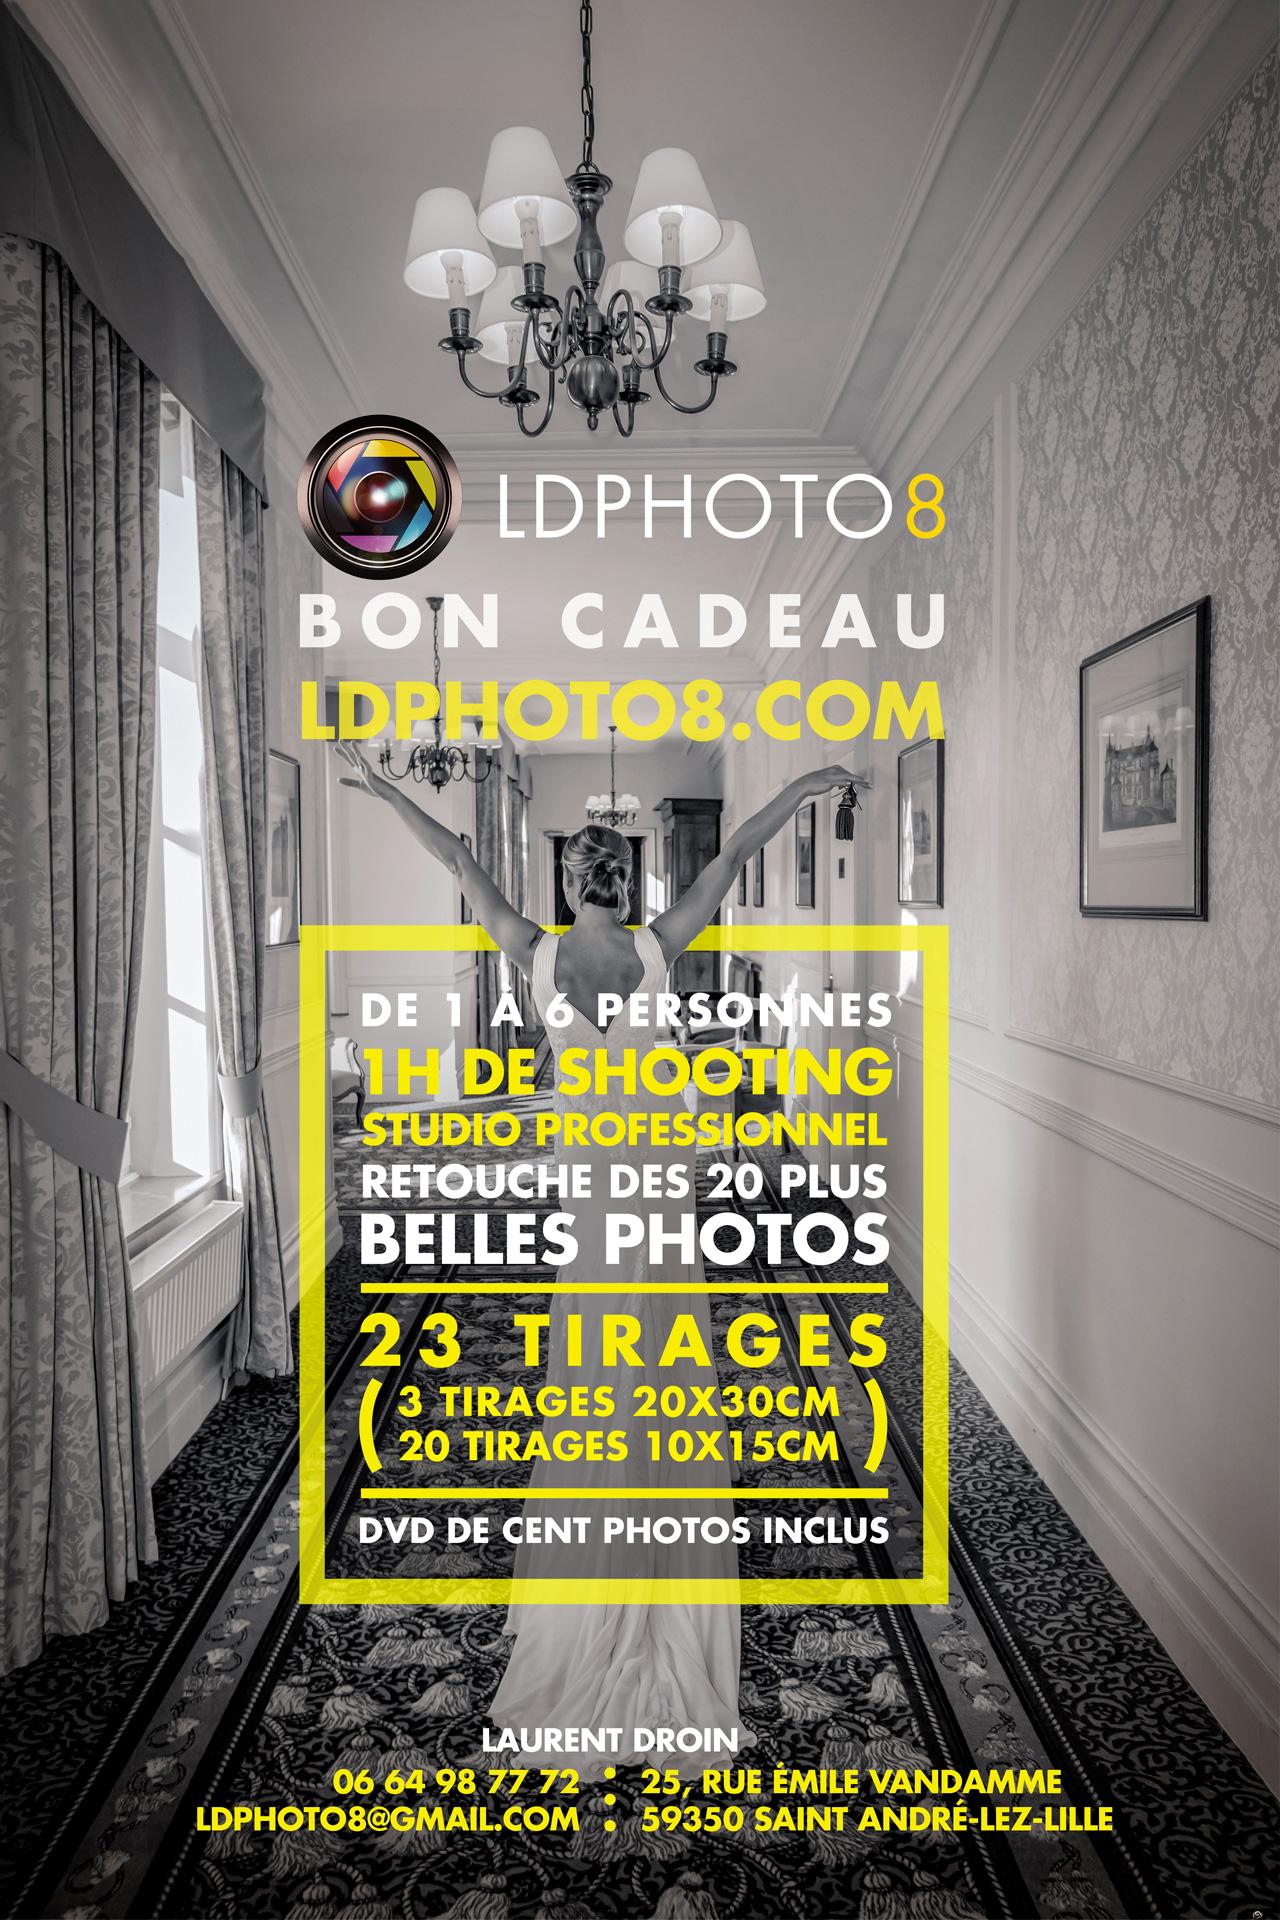 promo-ldphoto8-(3)